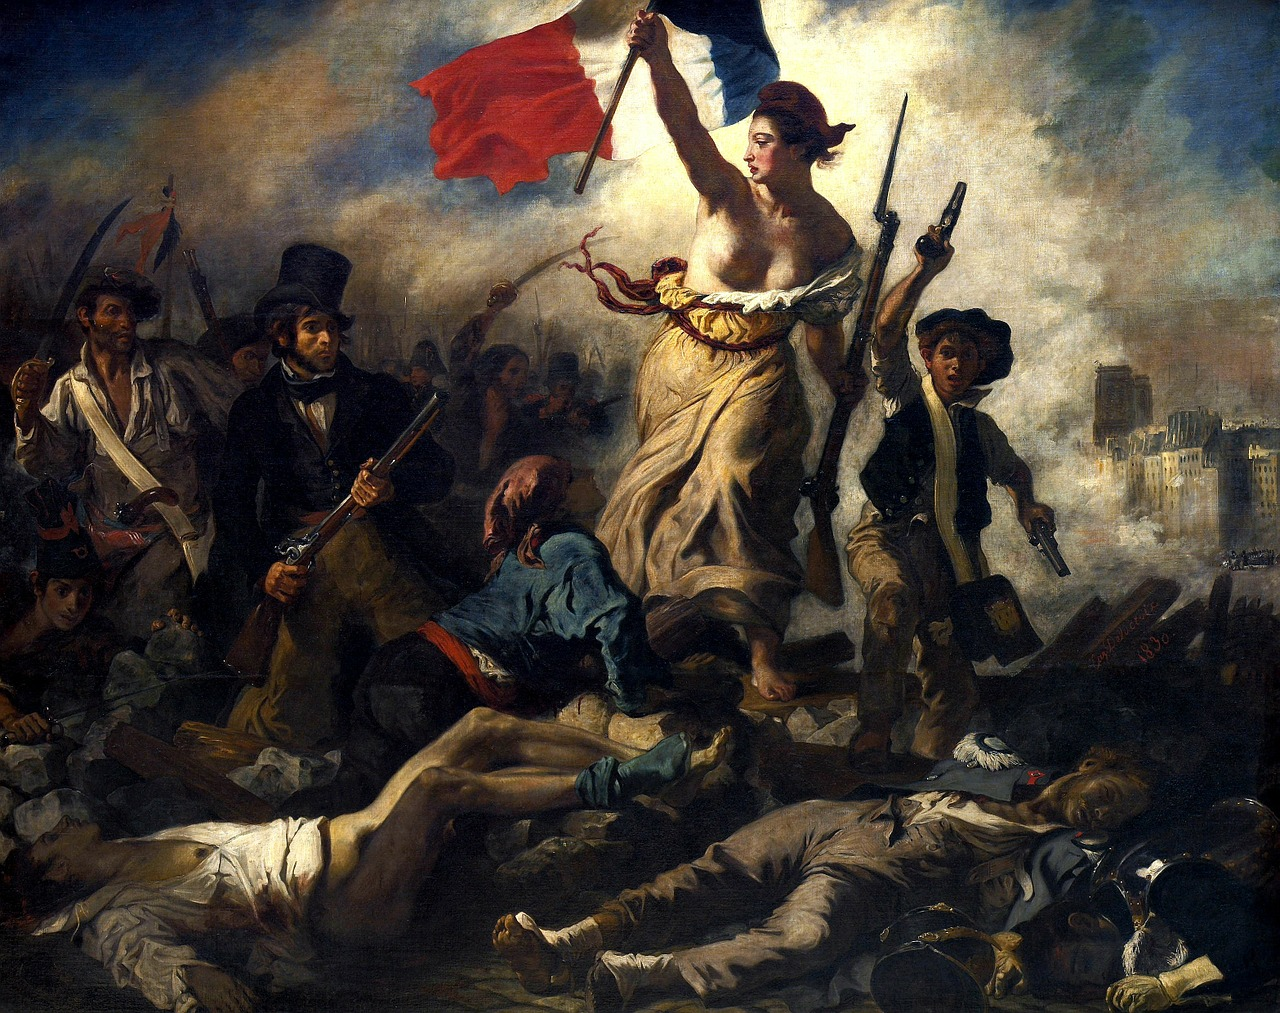 слово революция - этимология и история происхождения